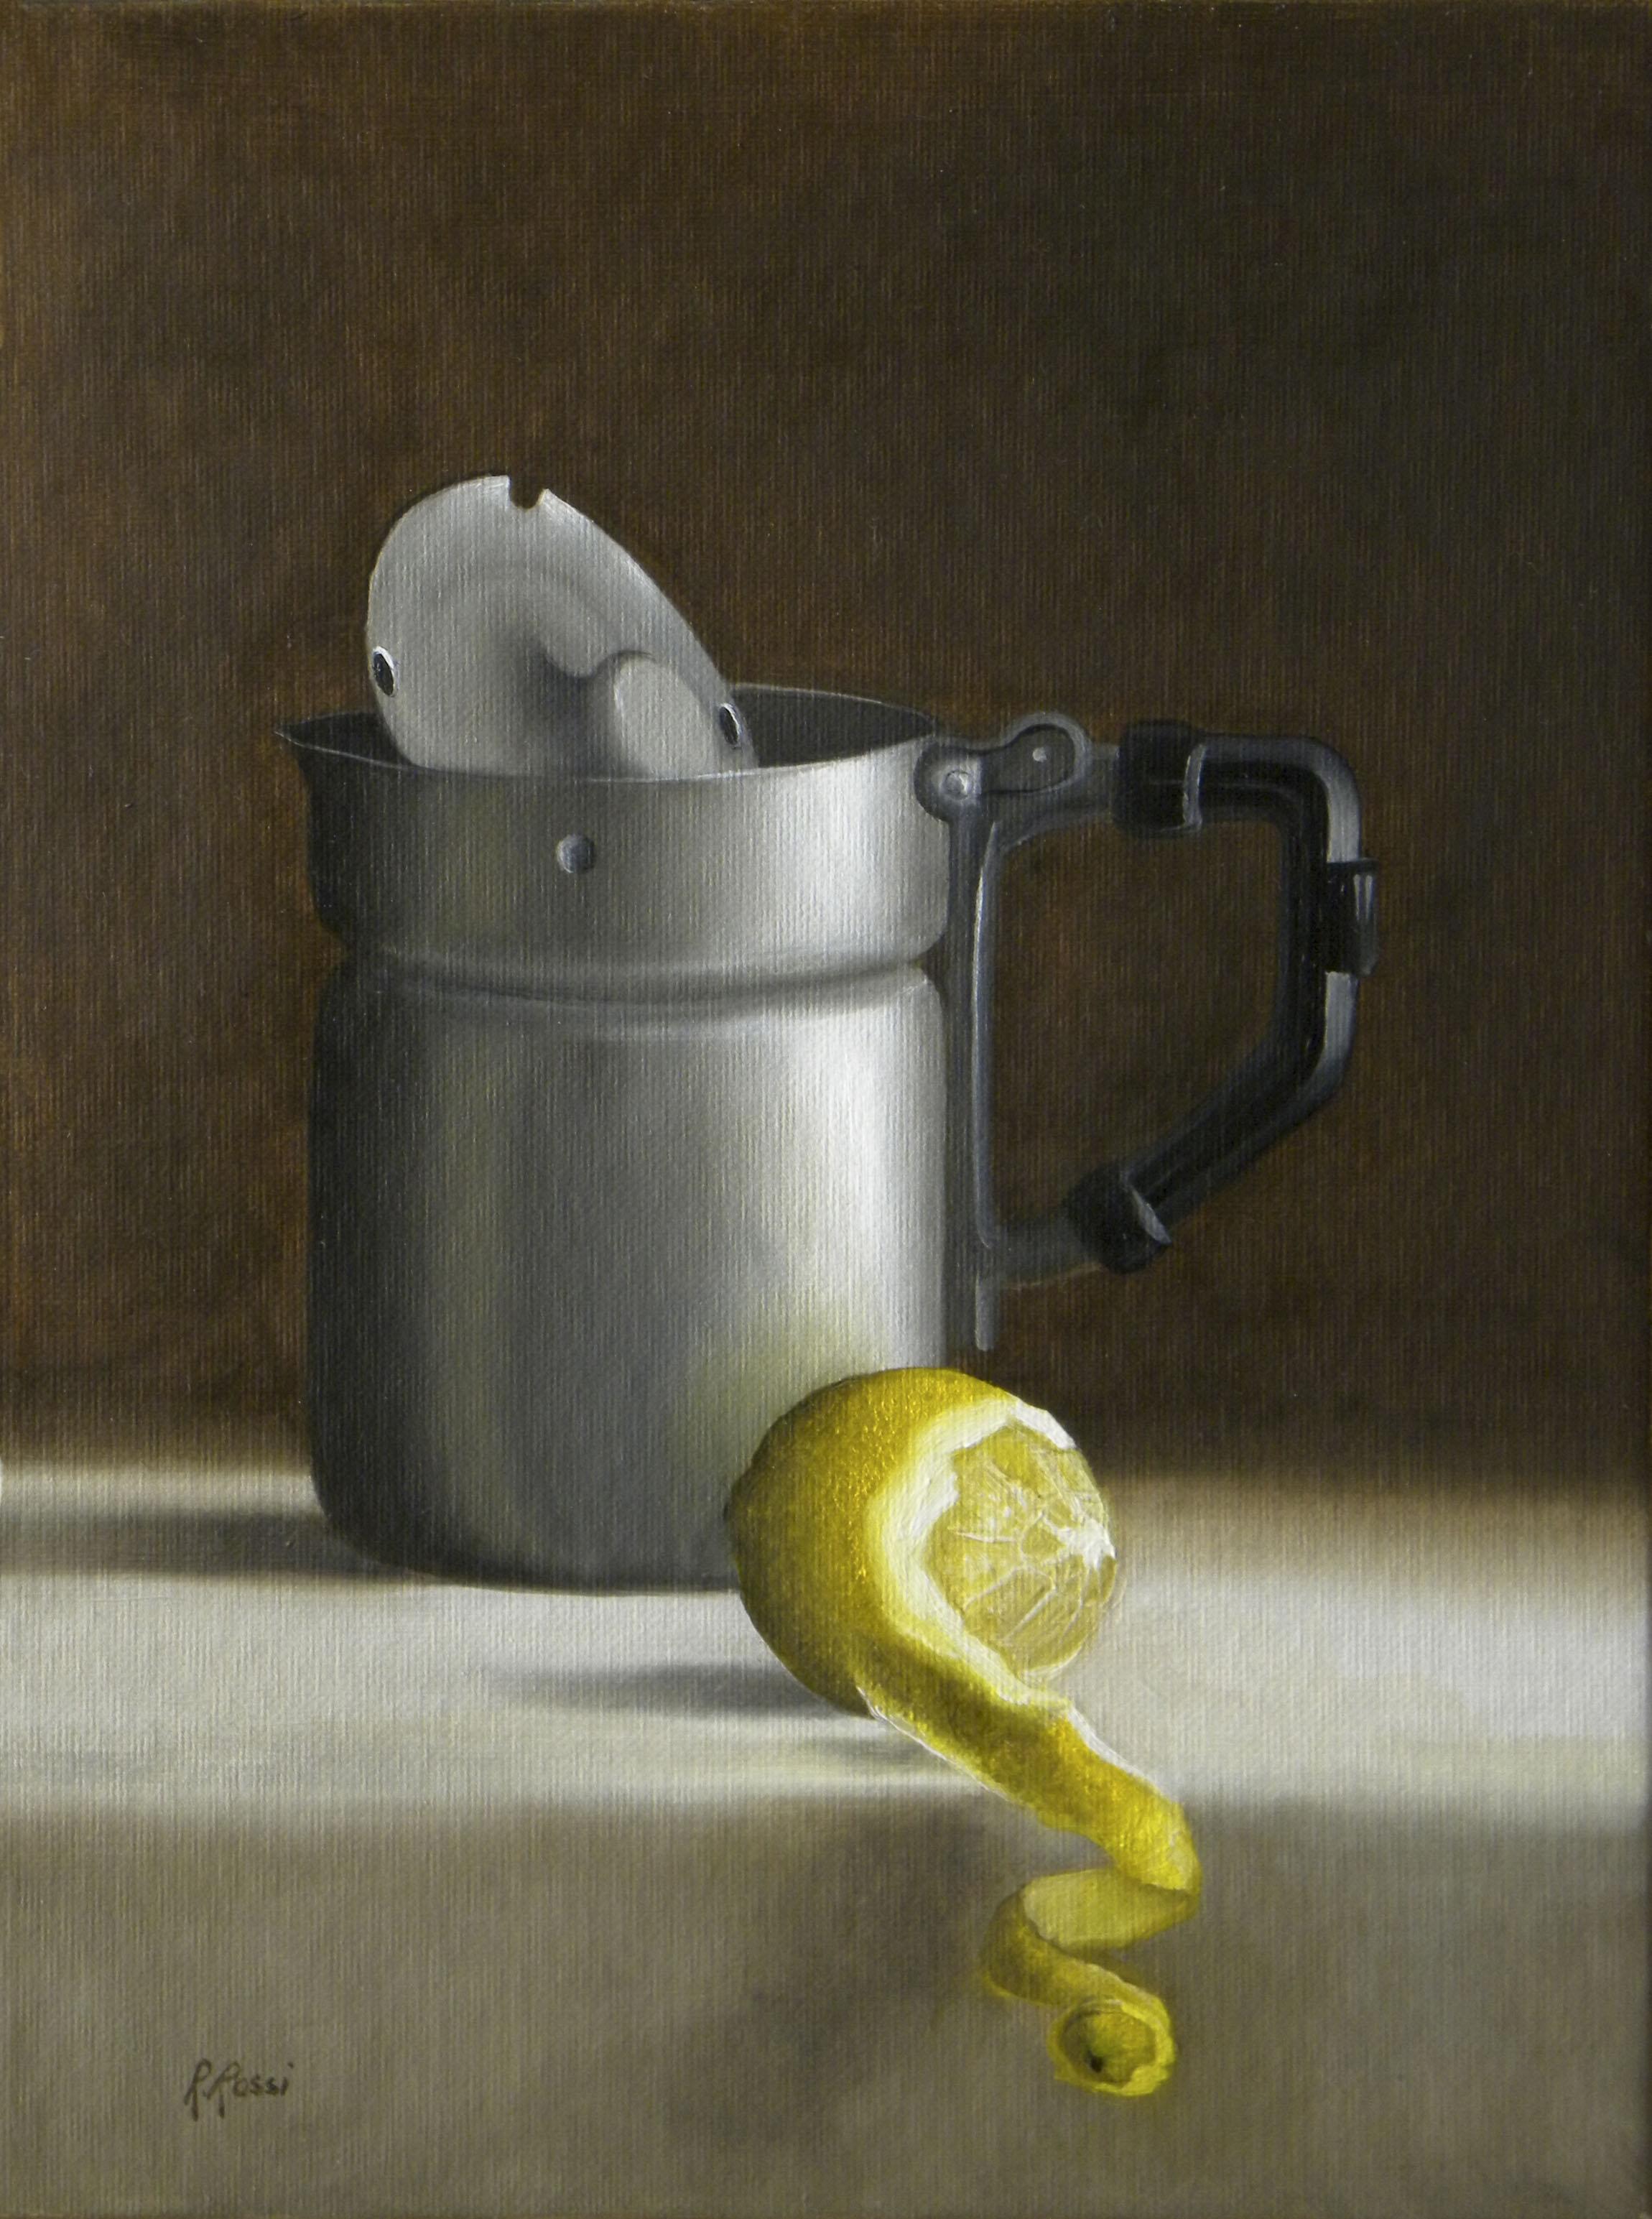 2013 roberta rossi – Vecchio bollitore e limone – olio su tela applicata a cartone – 24 x 18